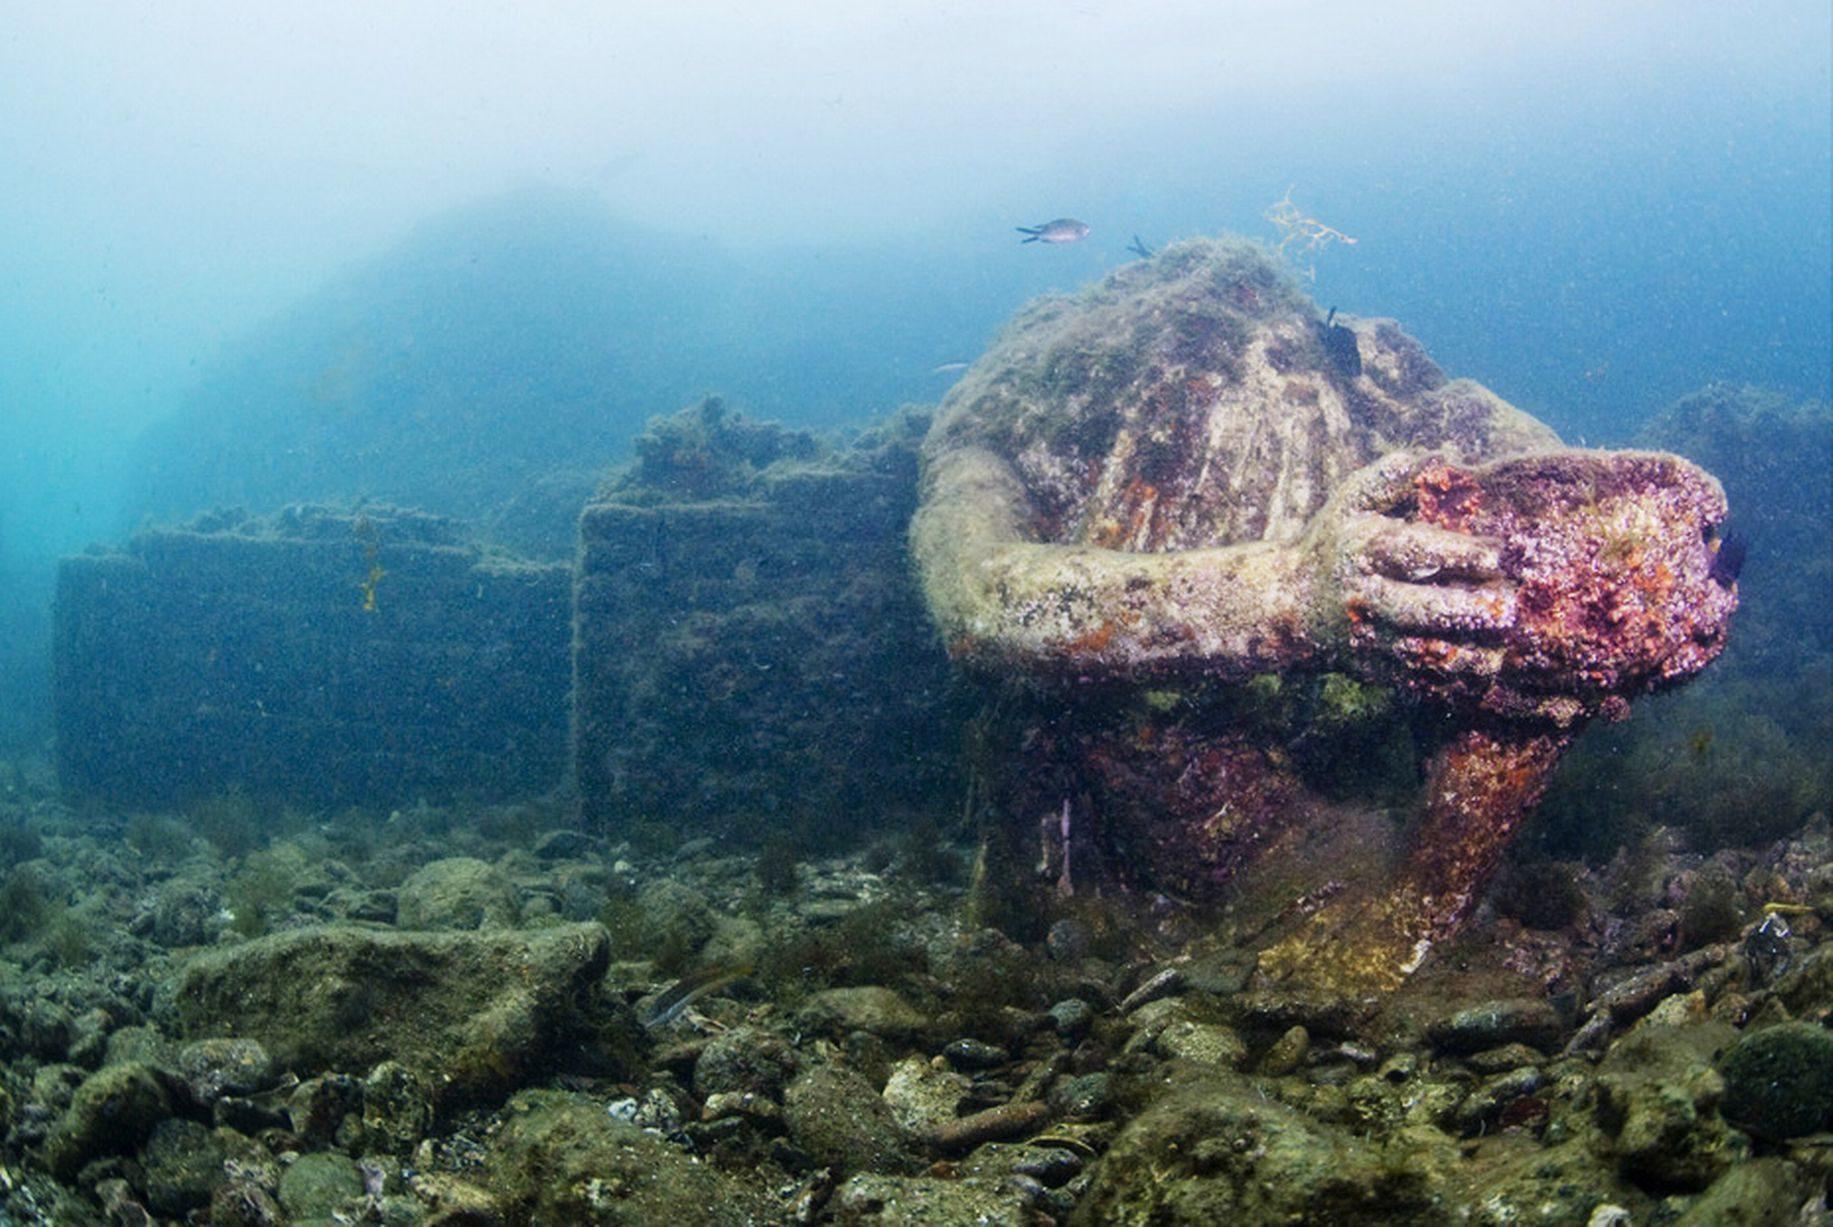 kulstofdatering af klipper lokale dating sites i alabama